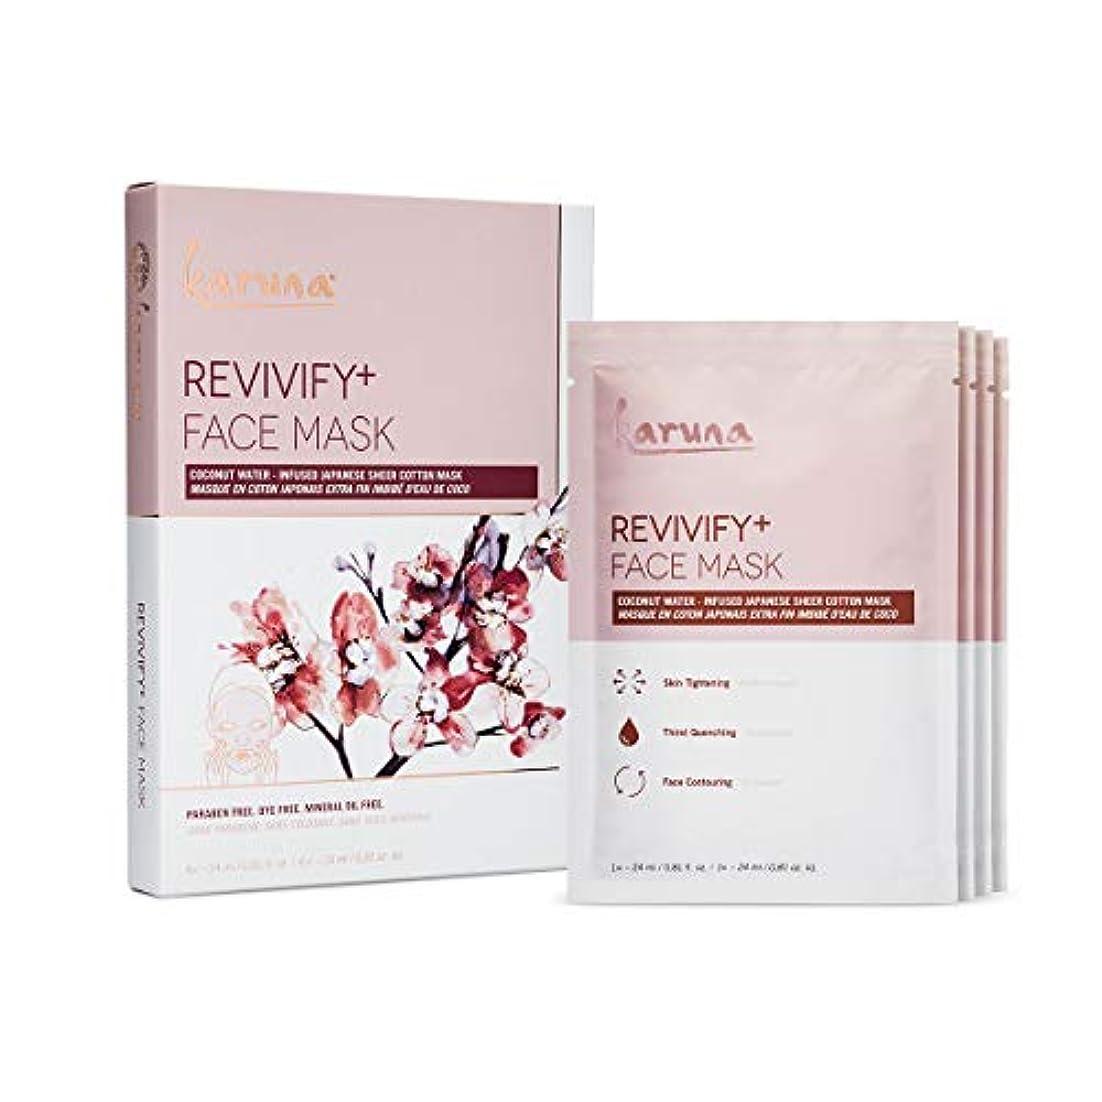 結晶淡い職業Karuna Revivify+ Face Mask 4sheets並行輸入品